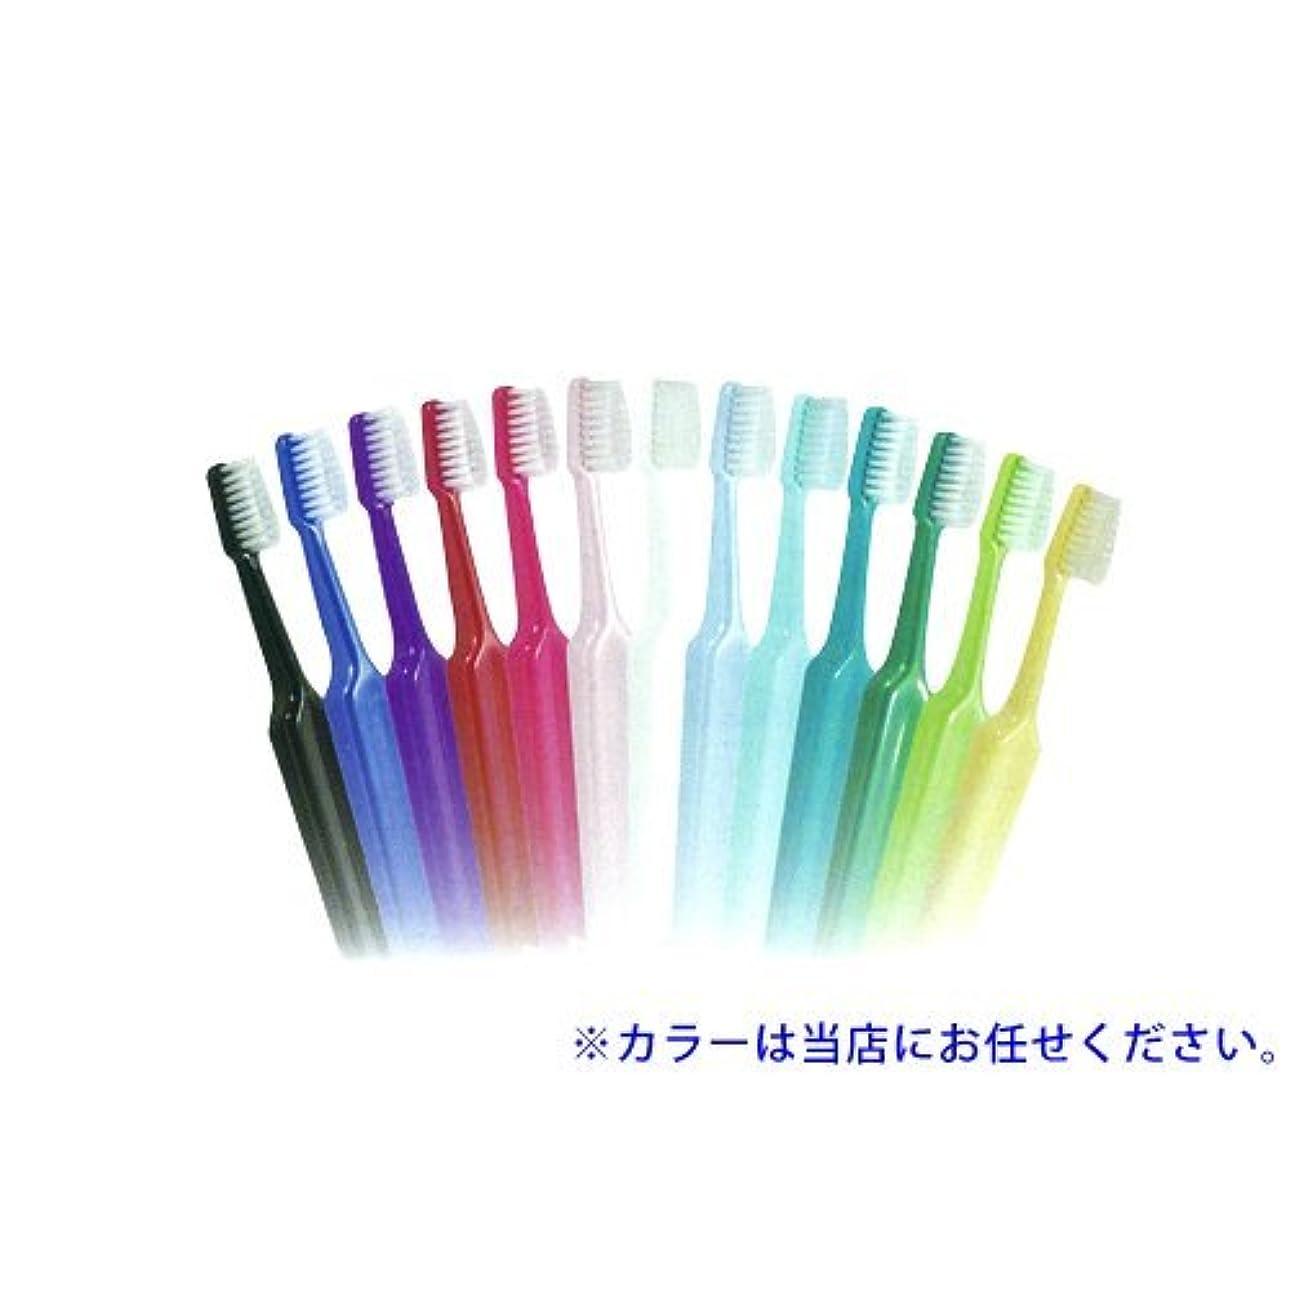 タイマー動物高度なクロスフィールド TePe テペ セレクトミニ 歯ブラシ 1本 ソフト